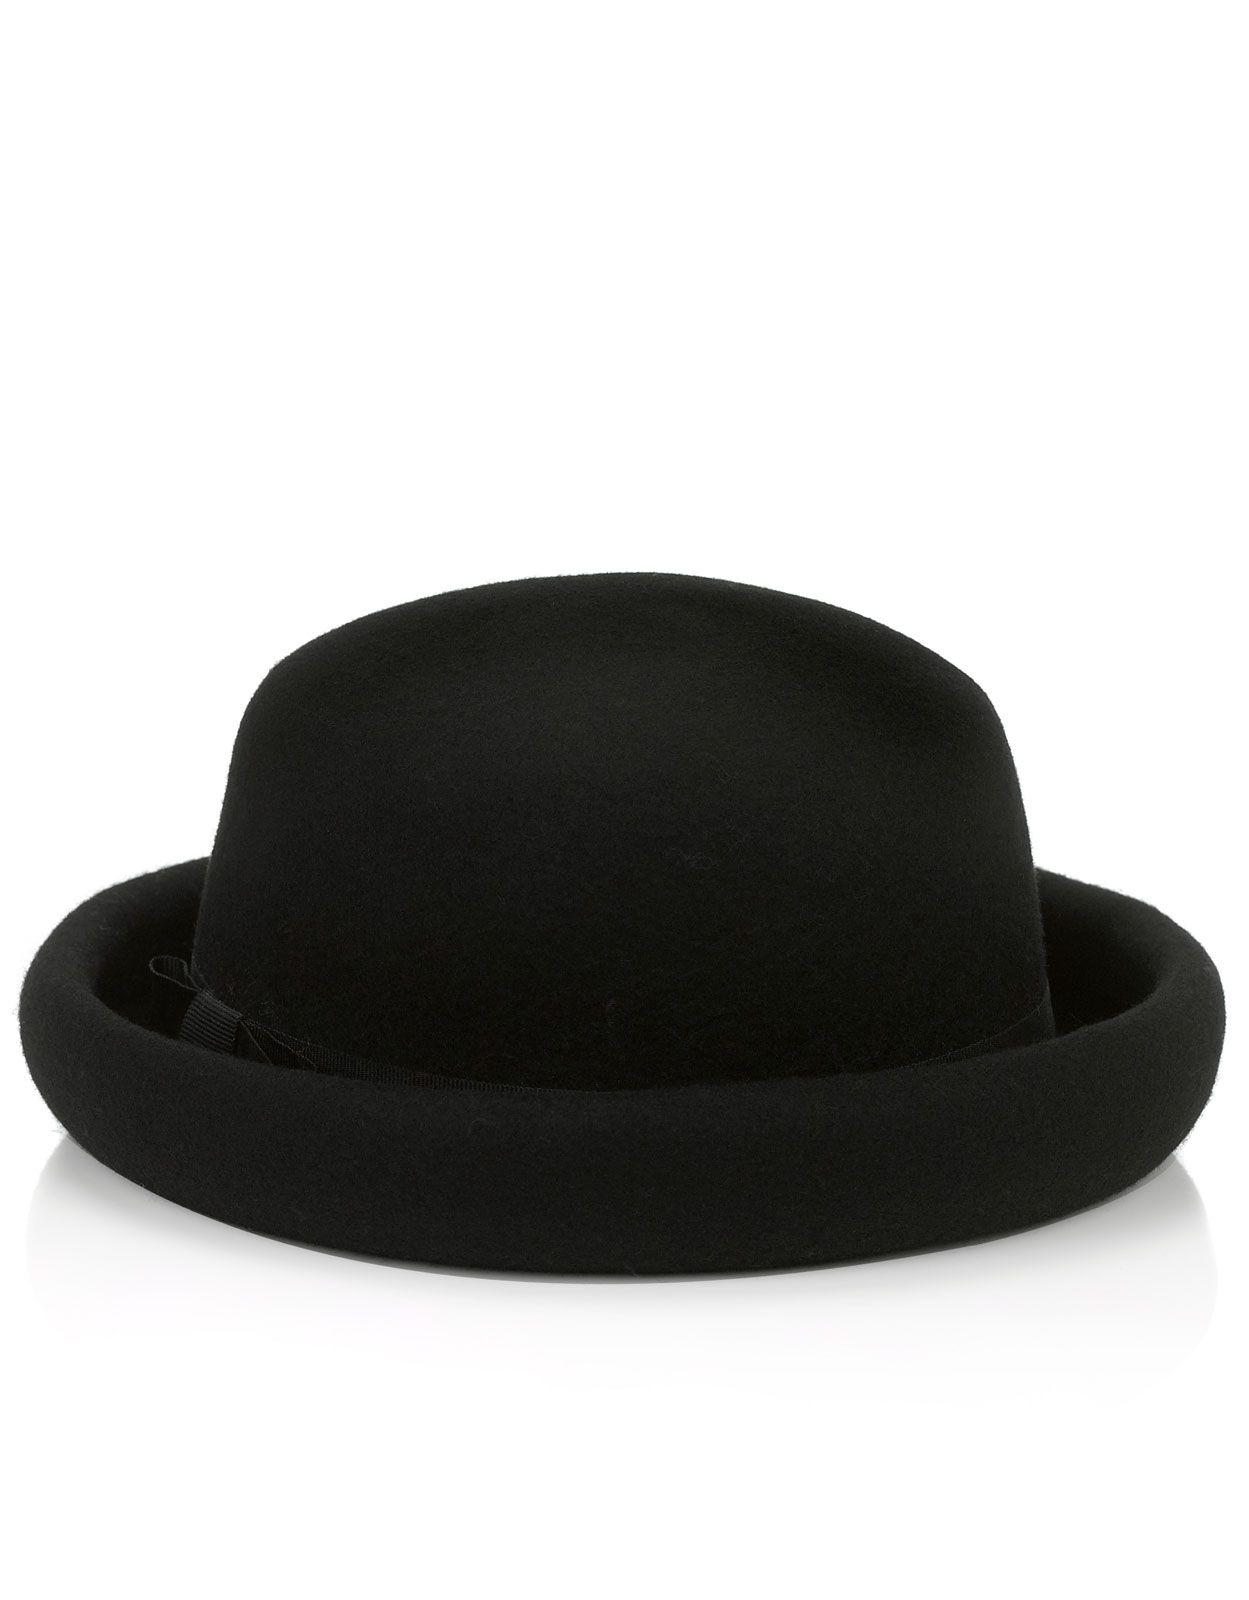 Felt Roller Bowler Hat | Black | Accessorize